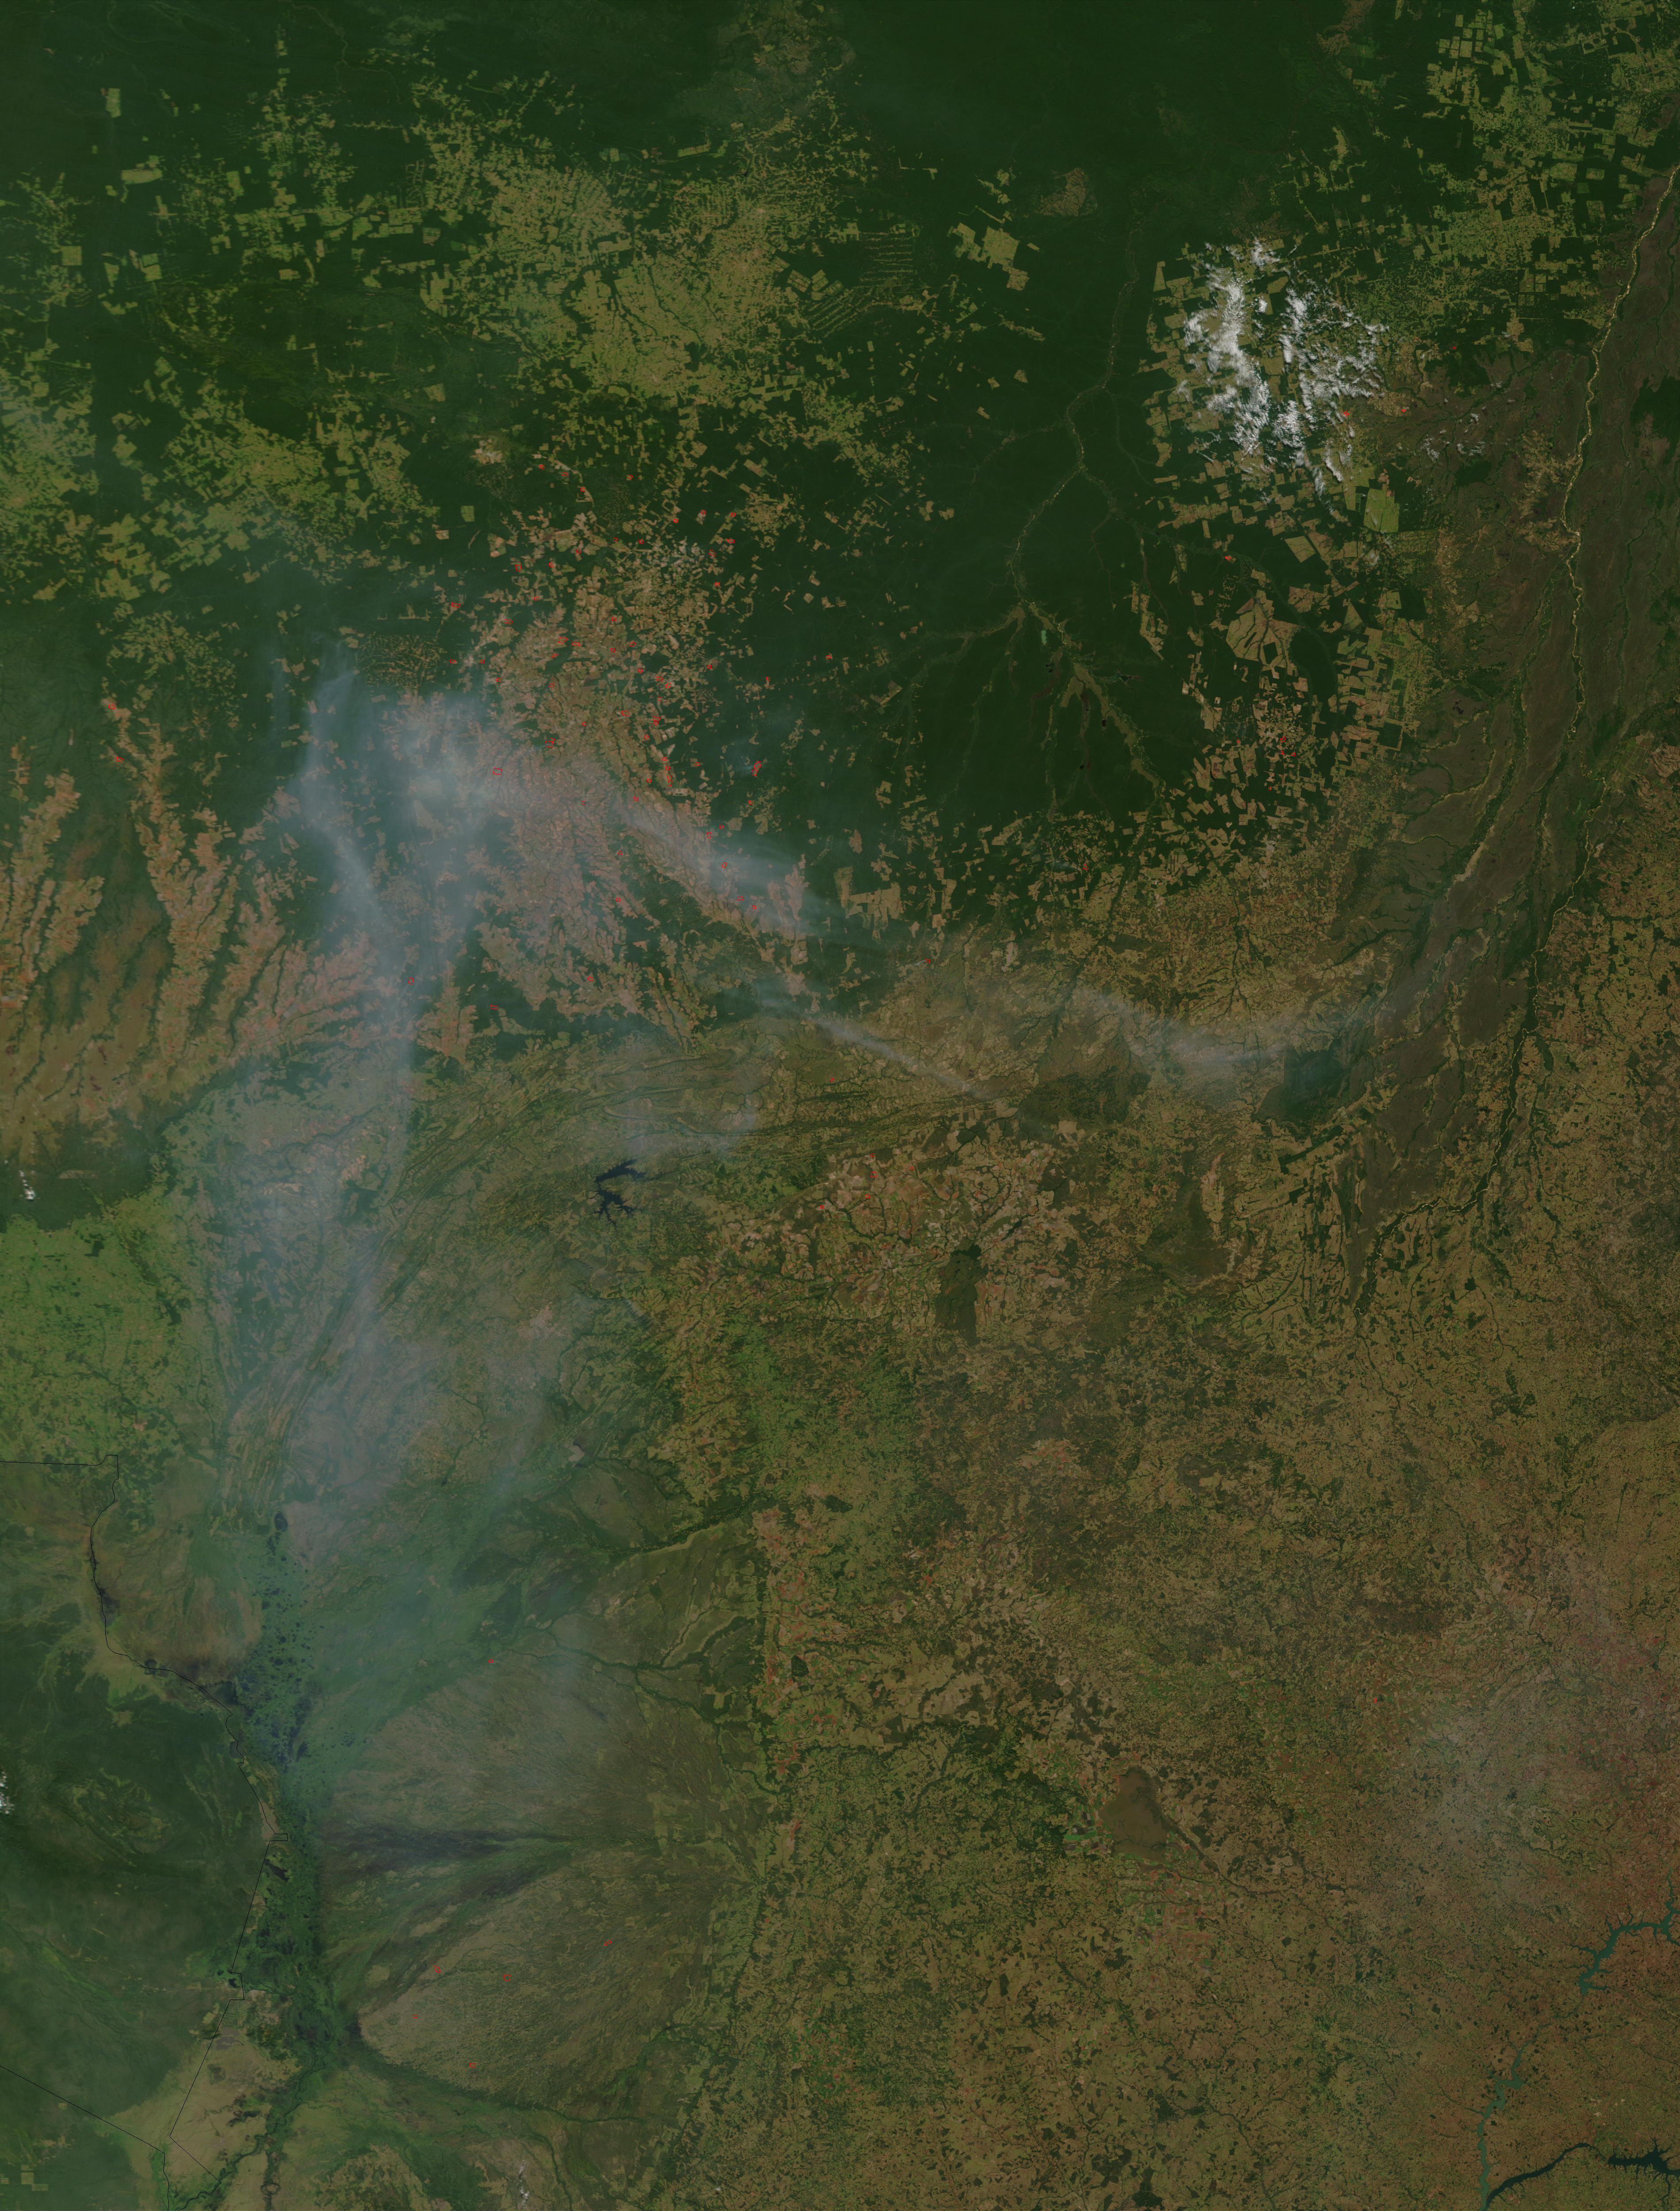 Incendios y humo en el estado de Mato Grosso, Brasil